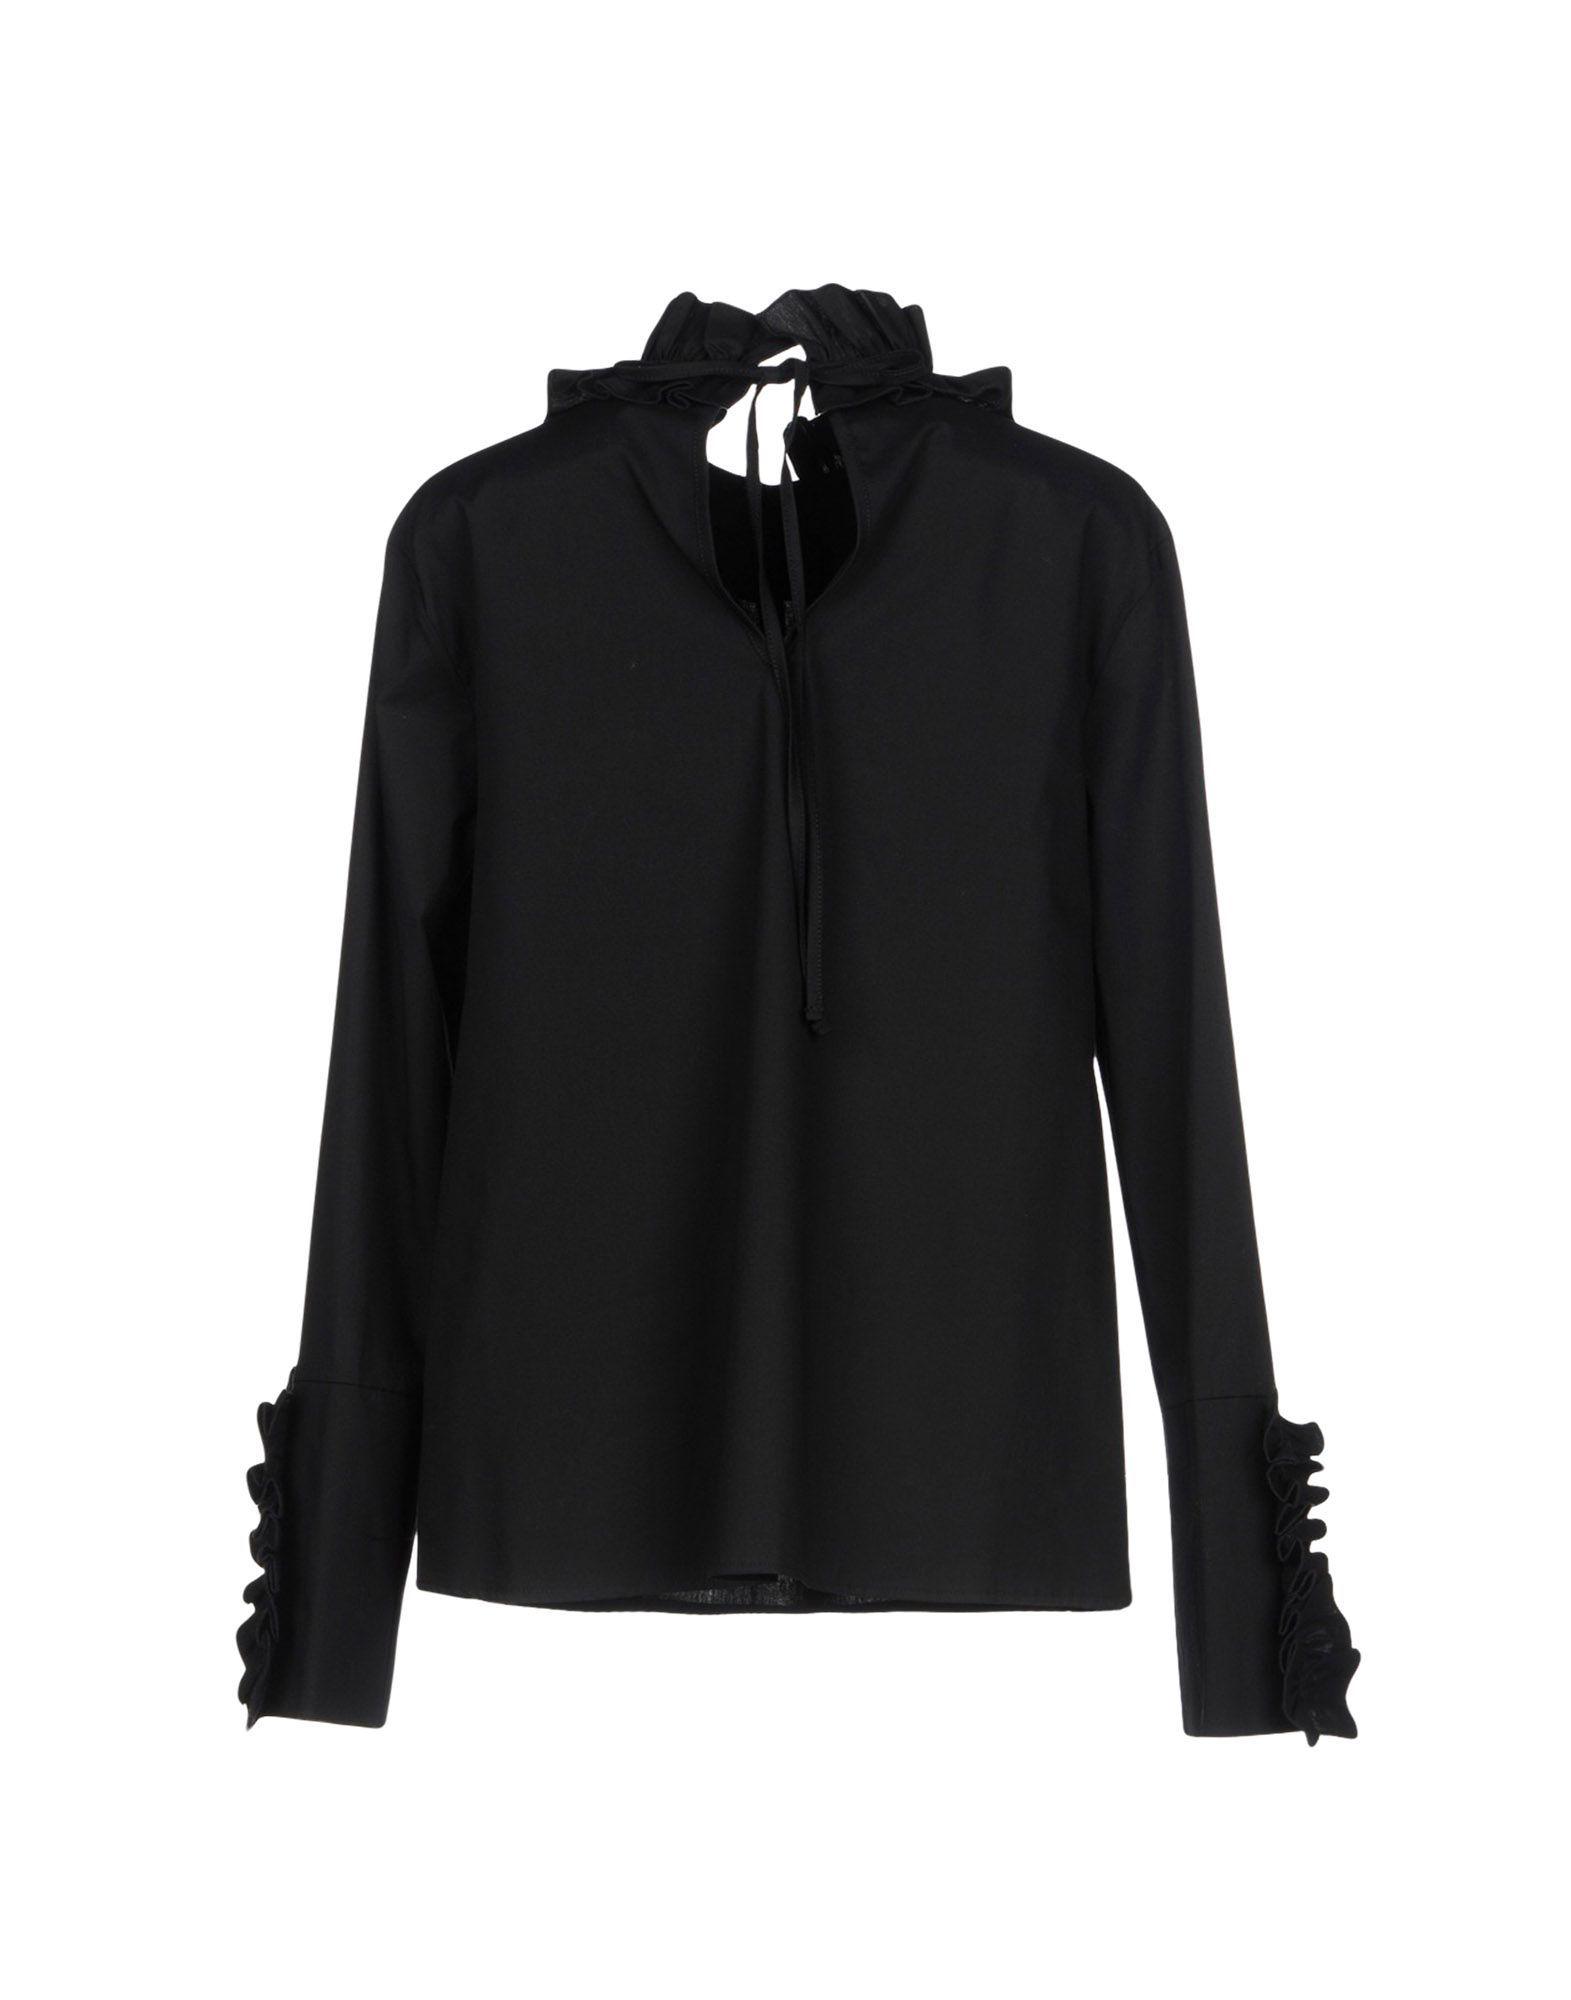 Kaos Jeans Black Cotton Shirt